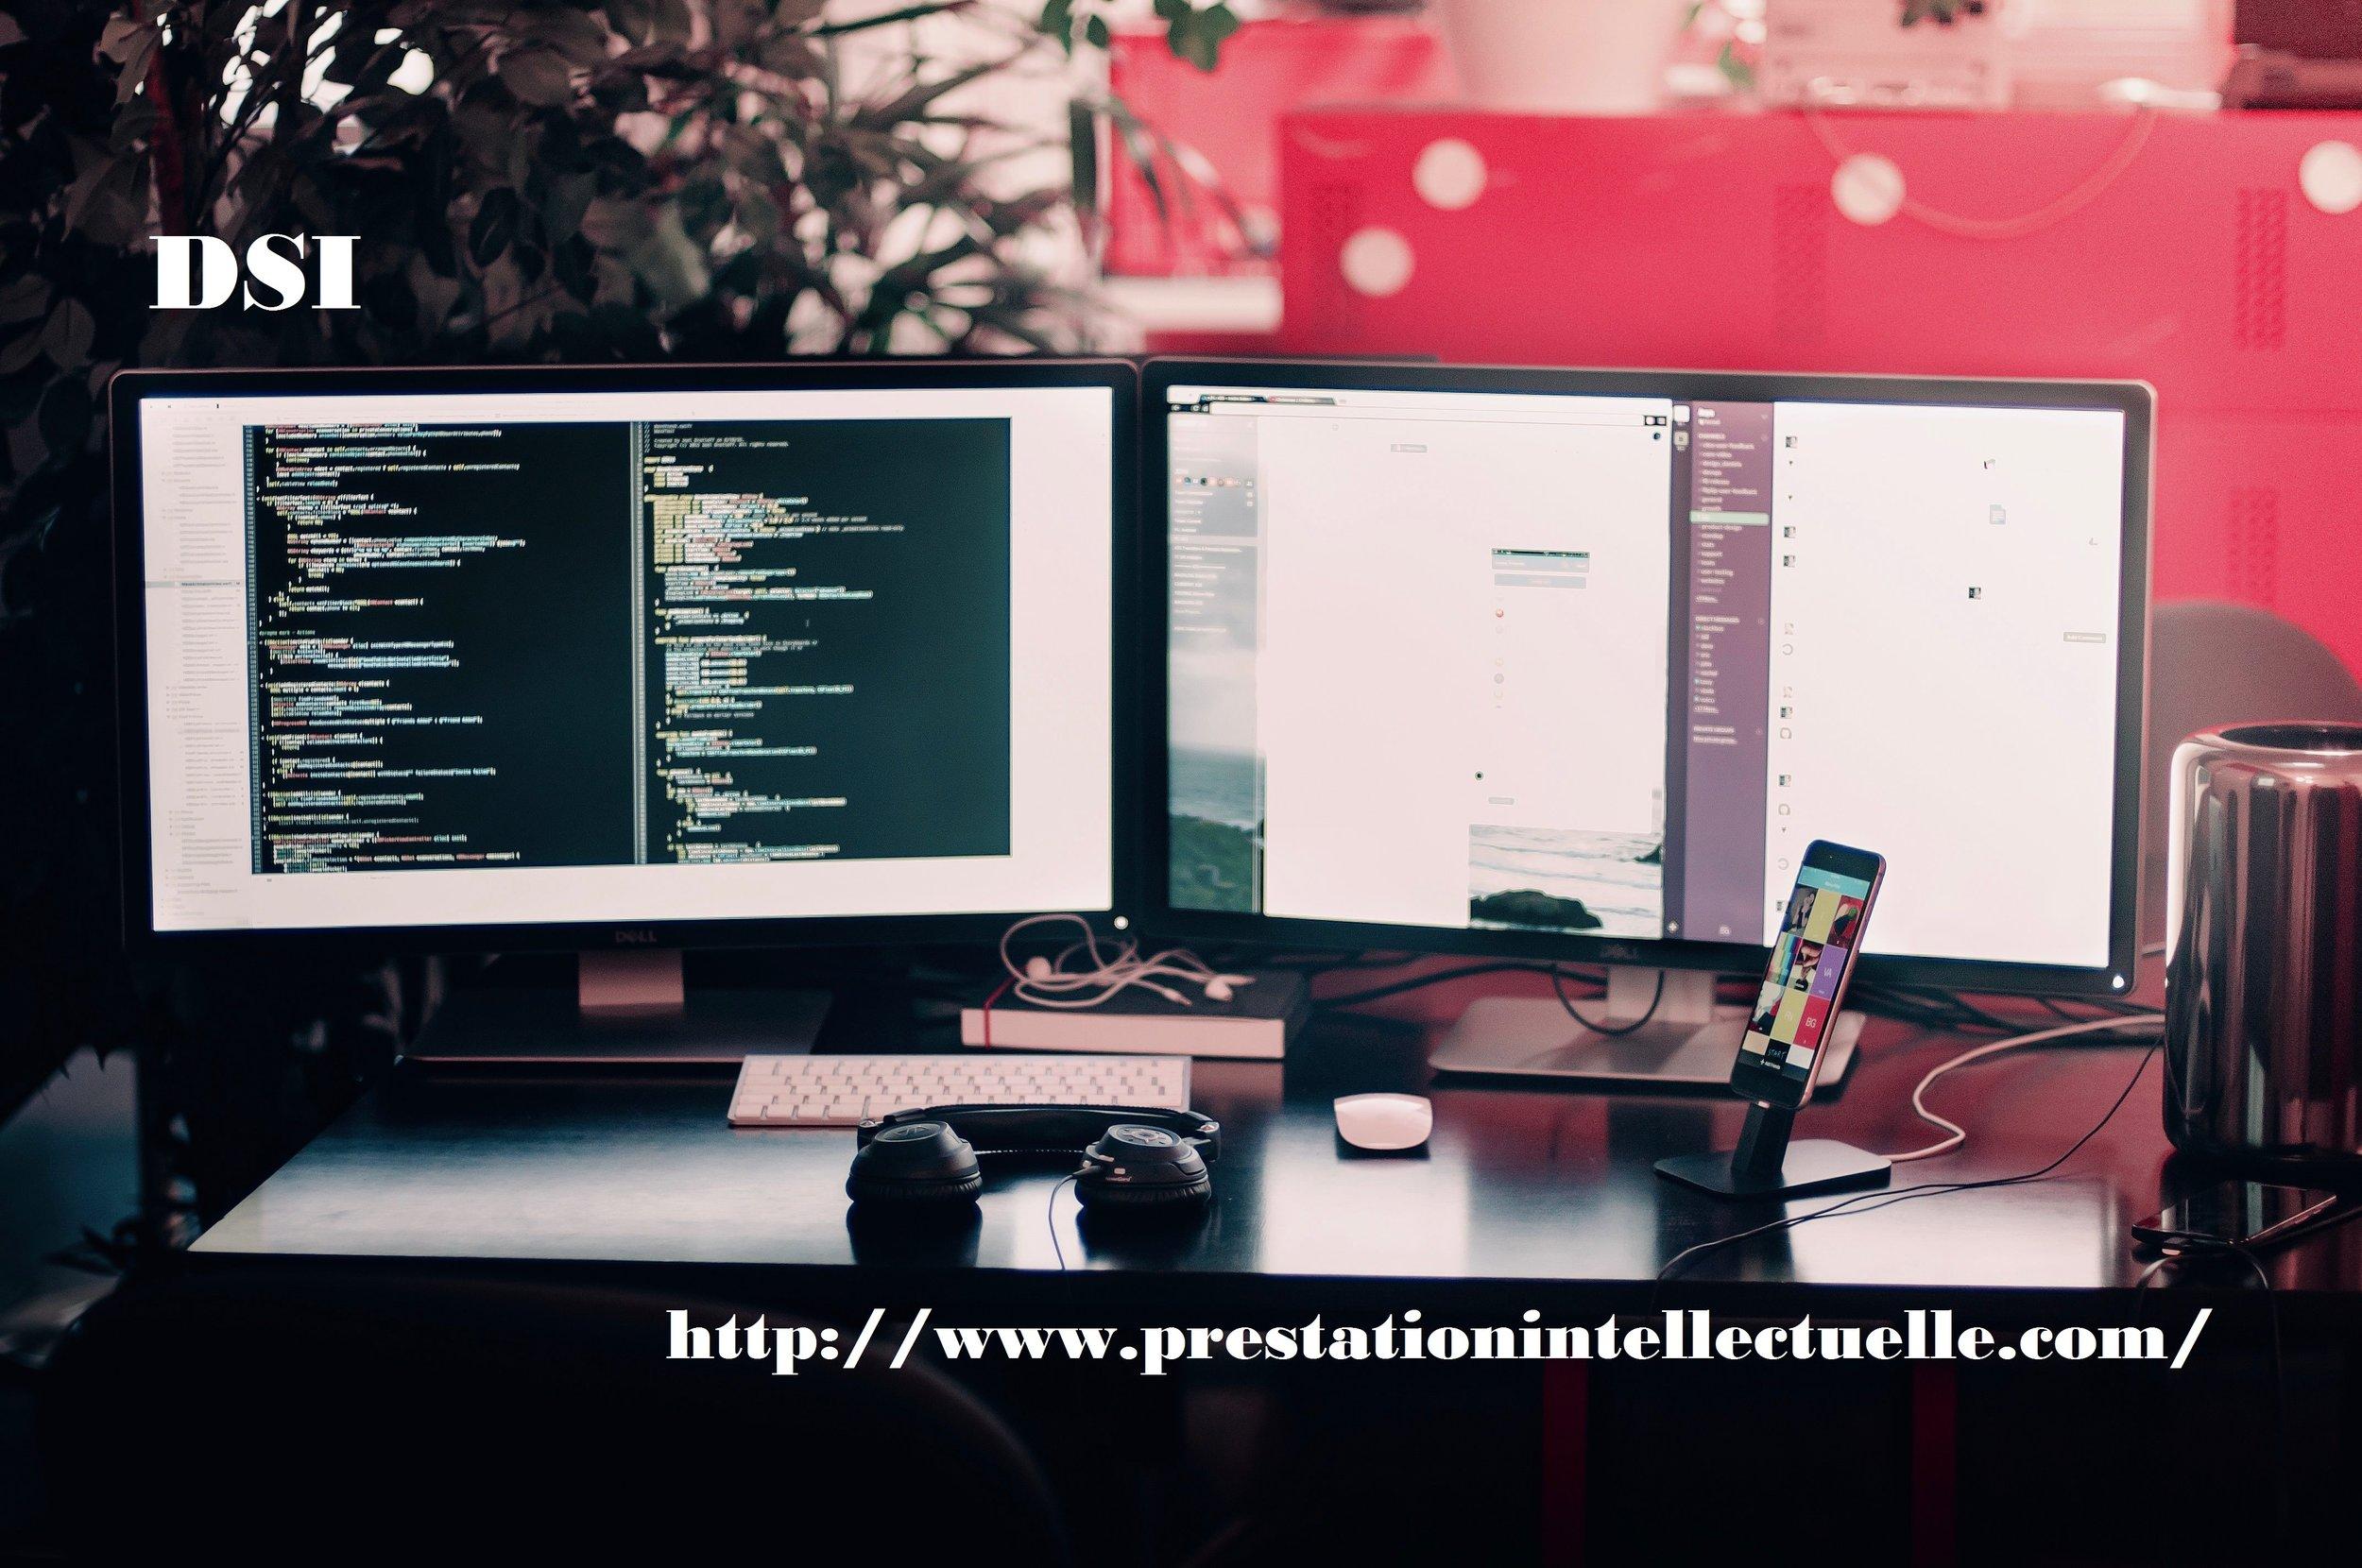 DSI-blog.jpg